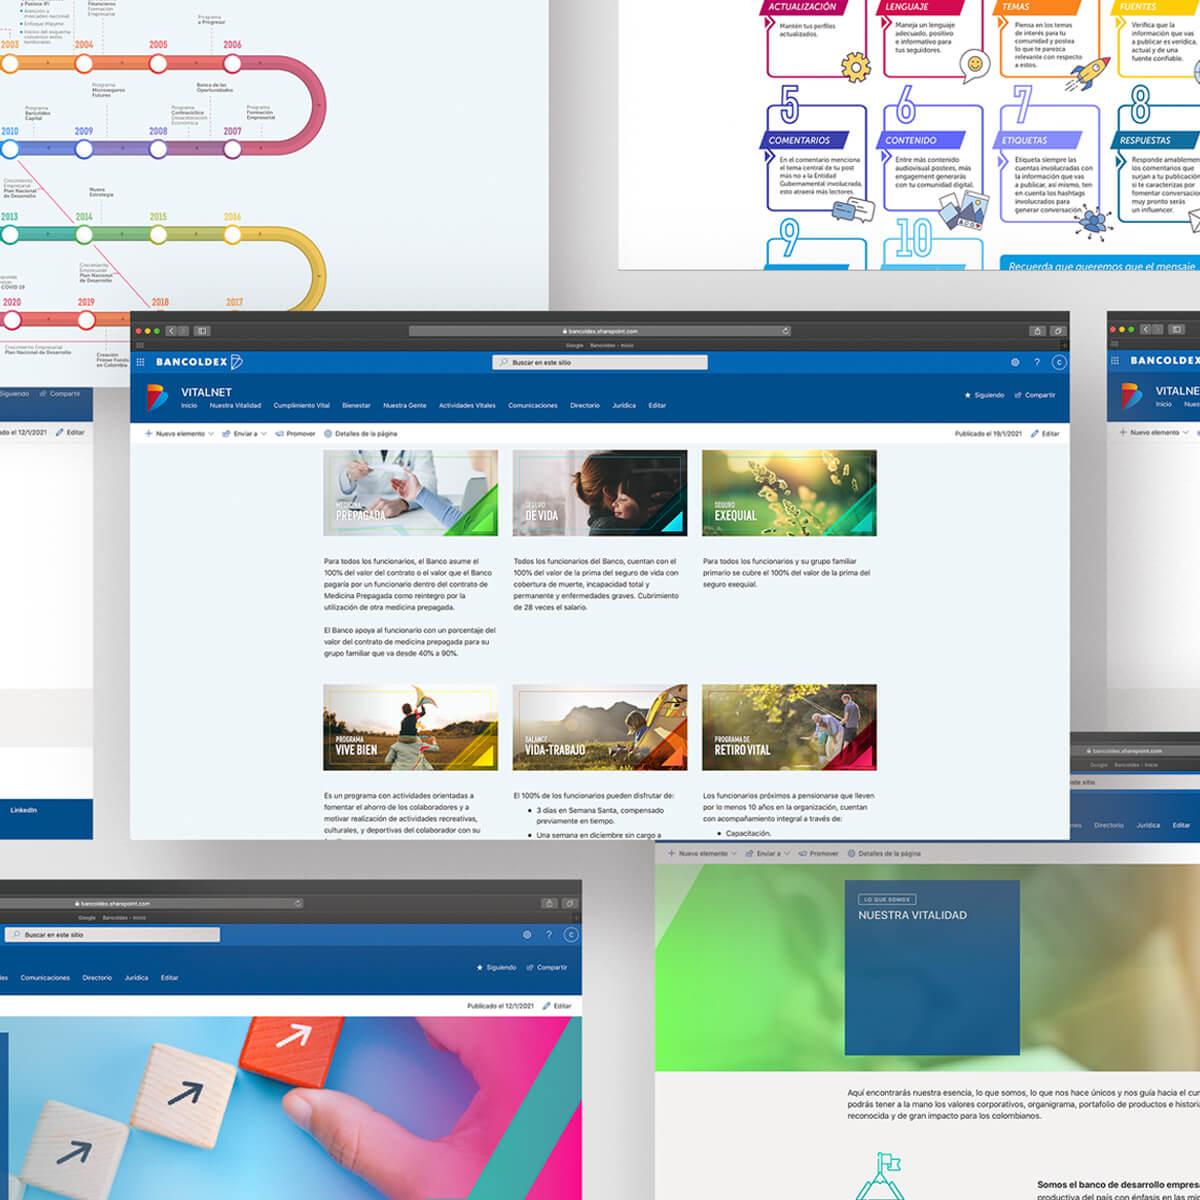 intranet de Bancoldex por Imaginario